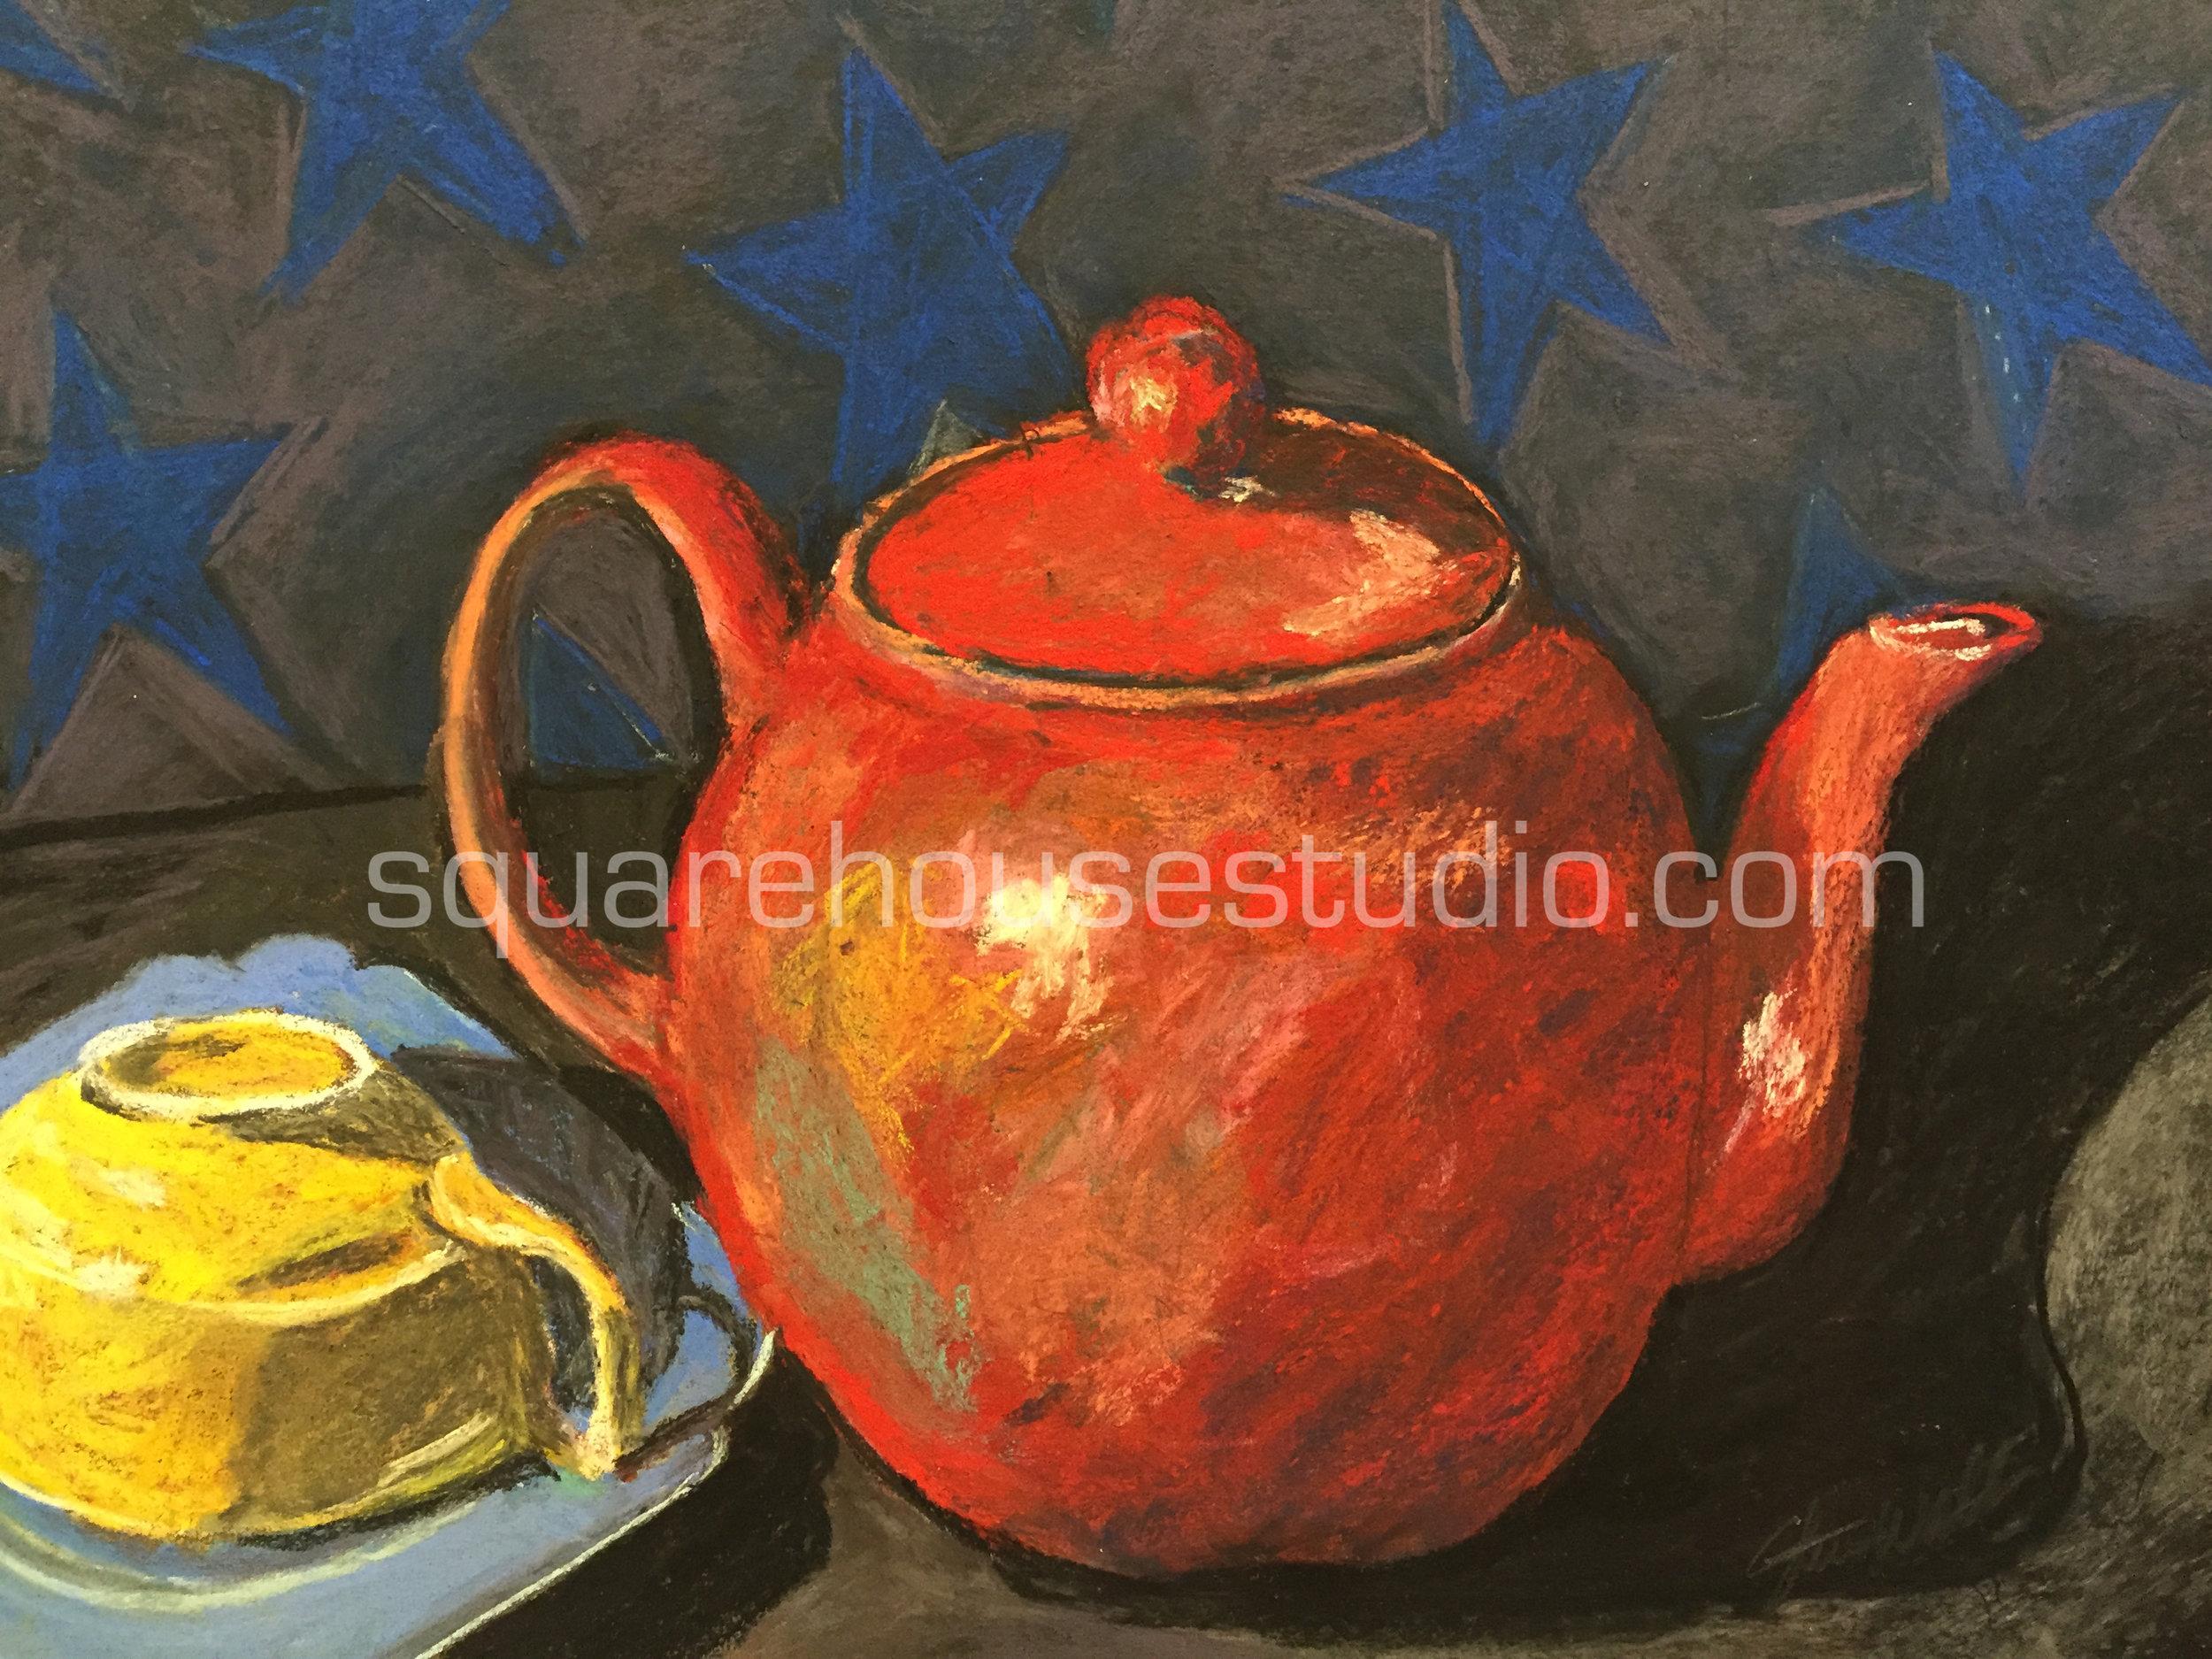 """American Tea , 11"""" x 14,"""" $400, Available as a giclée print—$125 Framed / $70 unframed"""